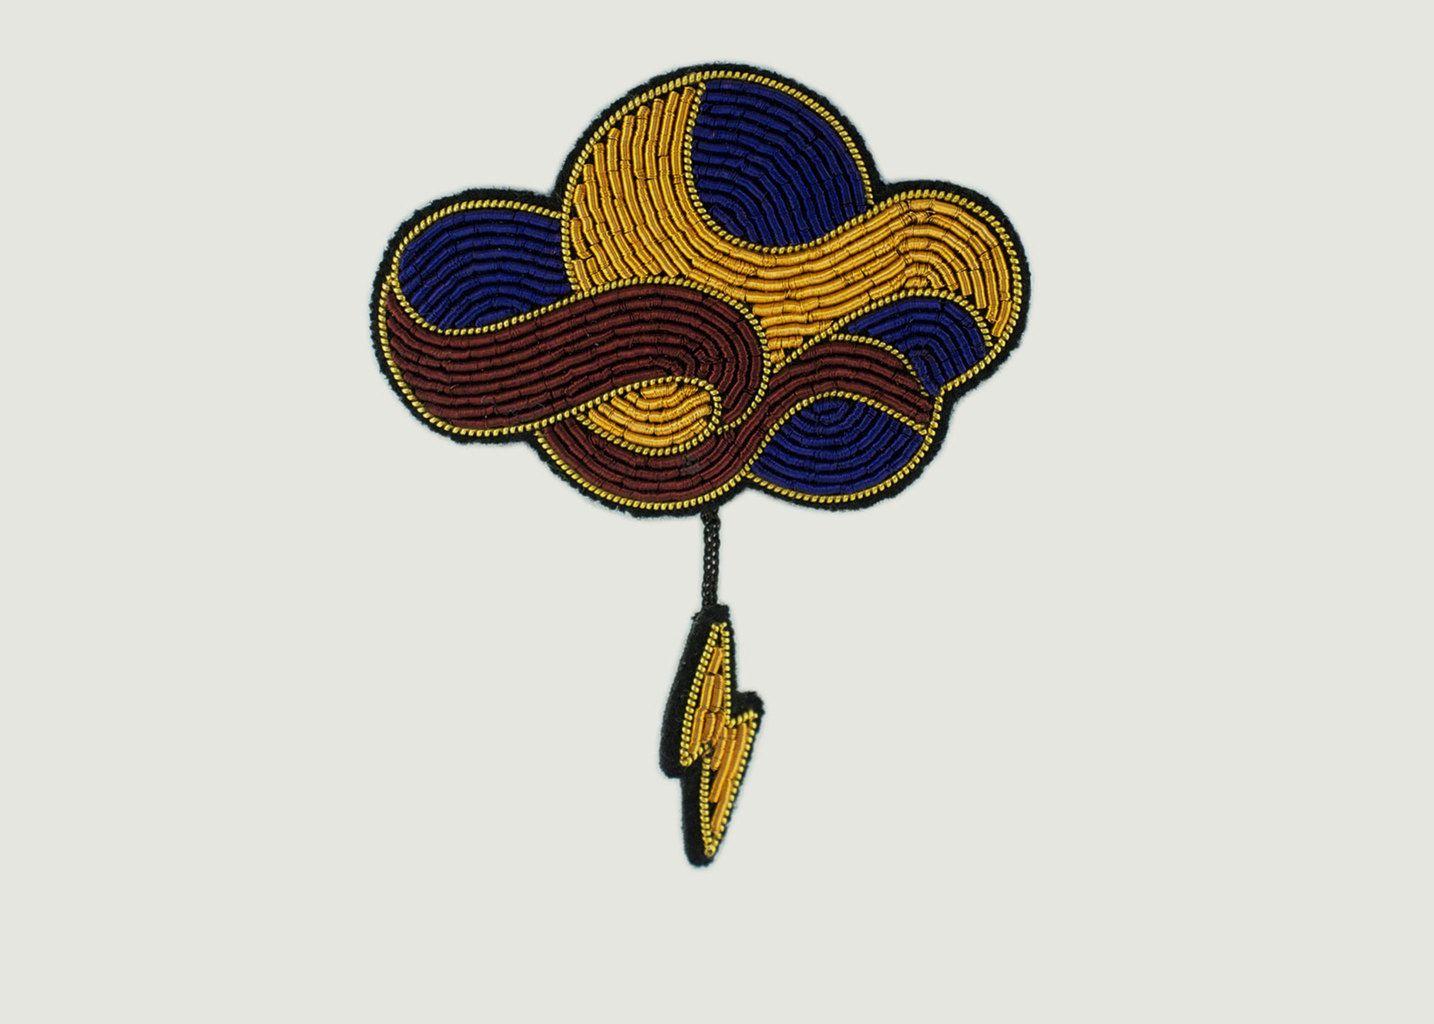 large choix de couleurs et de dessins Style classique Braderie Broche Brodée A Perles Orage